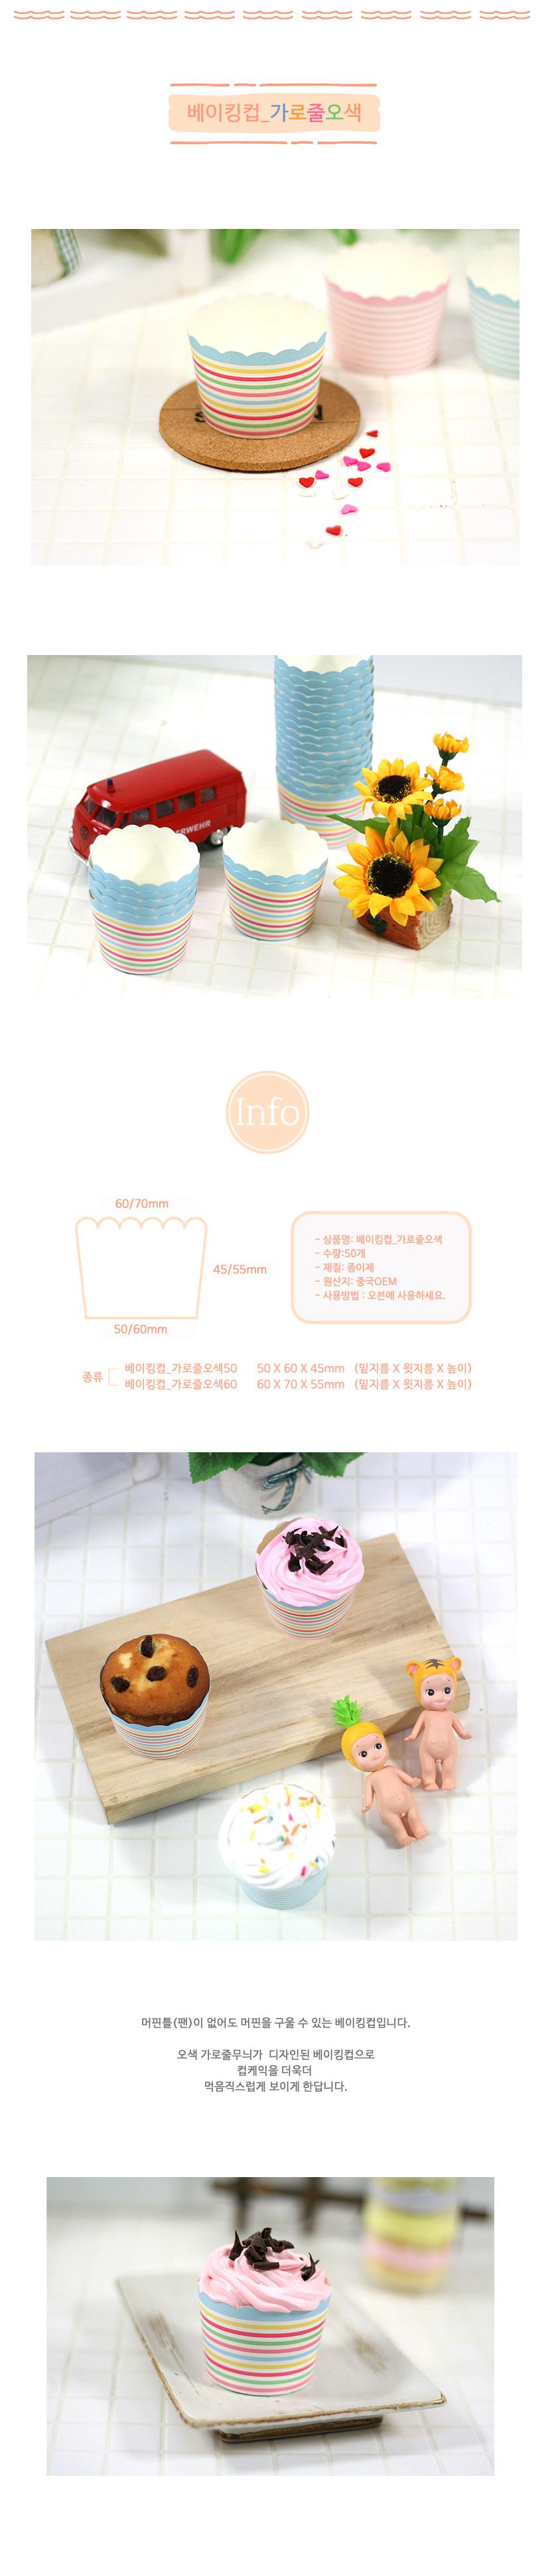 베이킹컵_가로줄오색(50개) - 미스터베이쿡, 4,000원, 홈베이킹, 유산지 베이킹컵